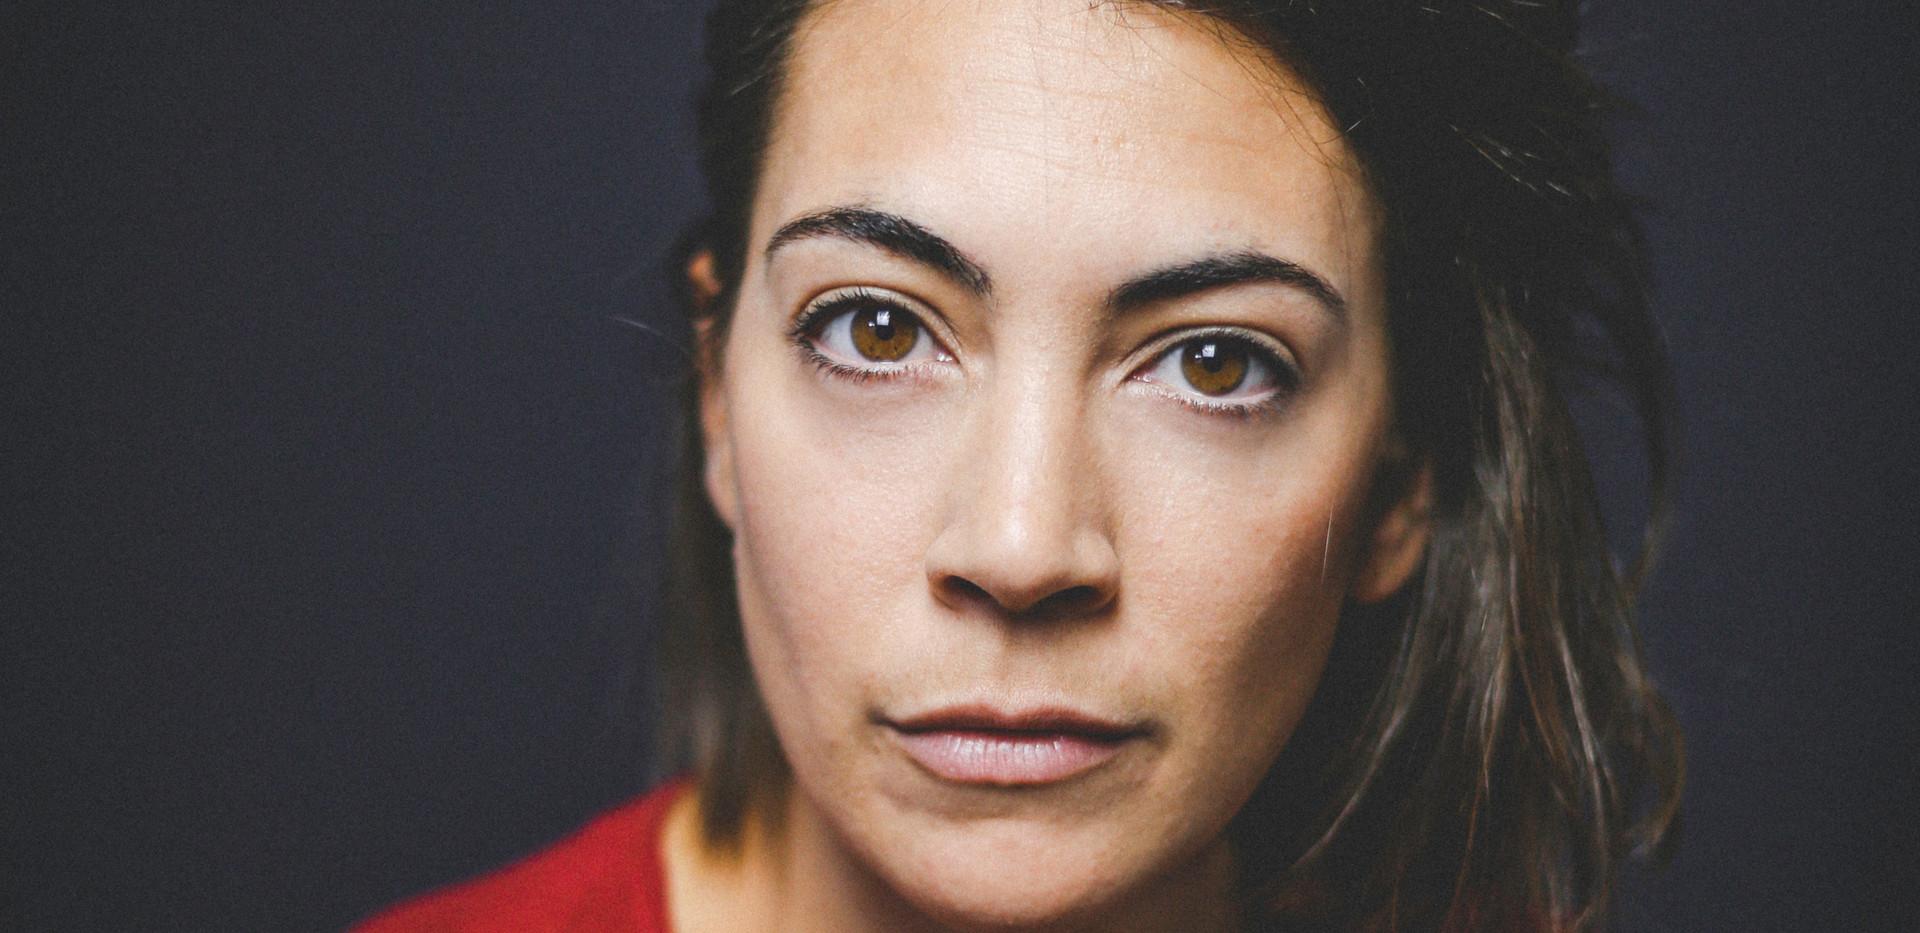 Bárbara Rivas 7 by Asier Corera